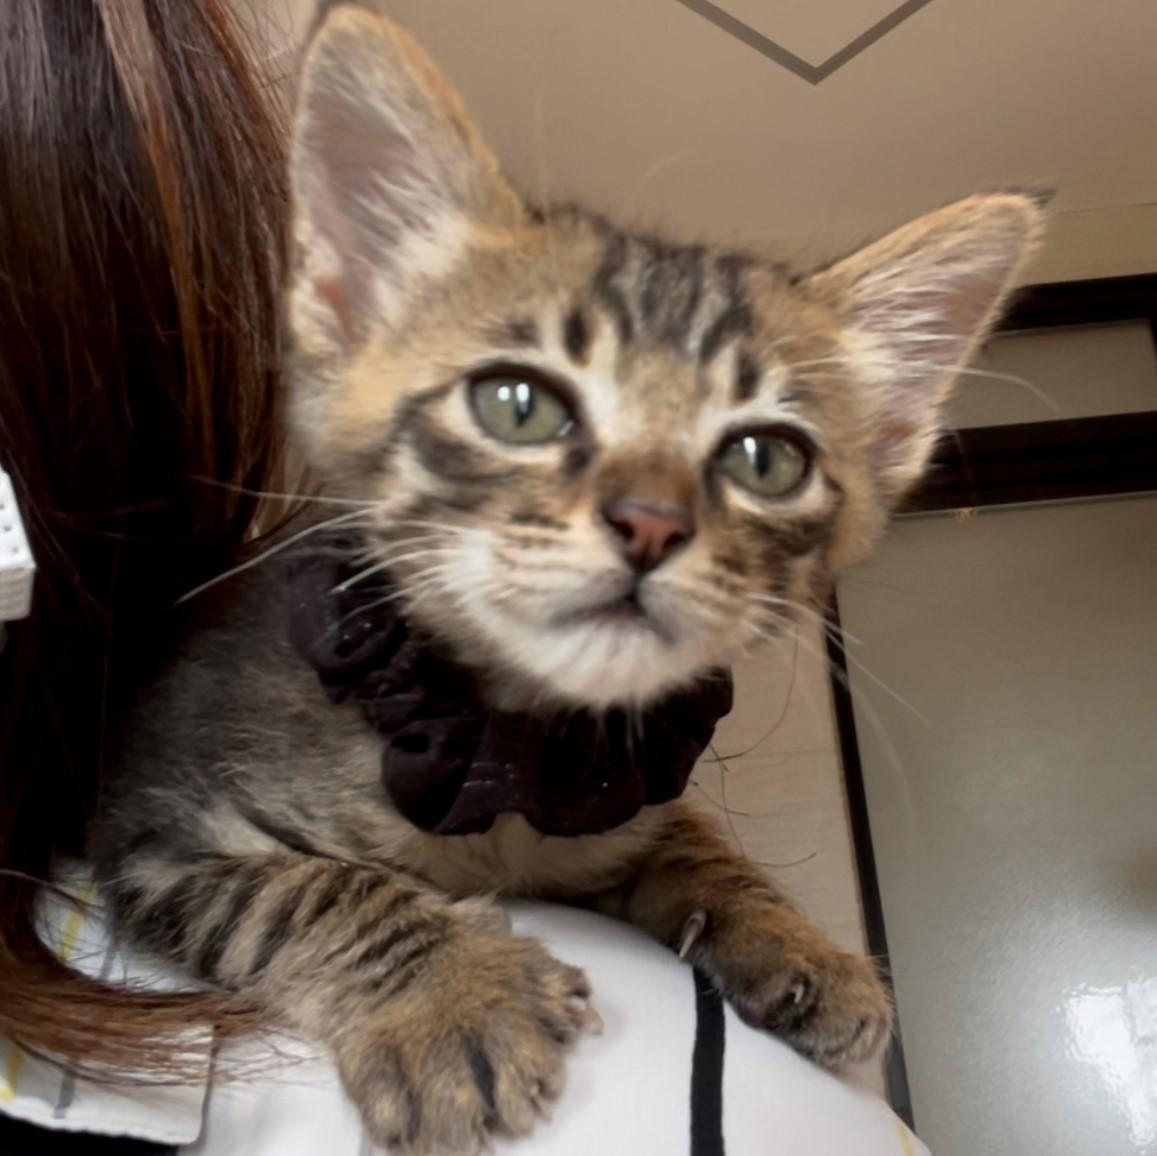 小さな天使クラブ チビ天 ちび天 保護活動 保護猫 子猫 殺処分をなくしたい 動物愛護 猫がいる生活